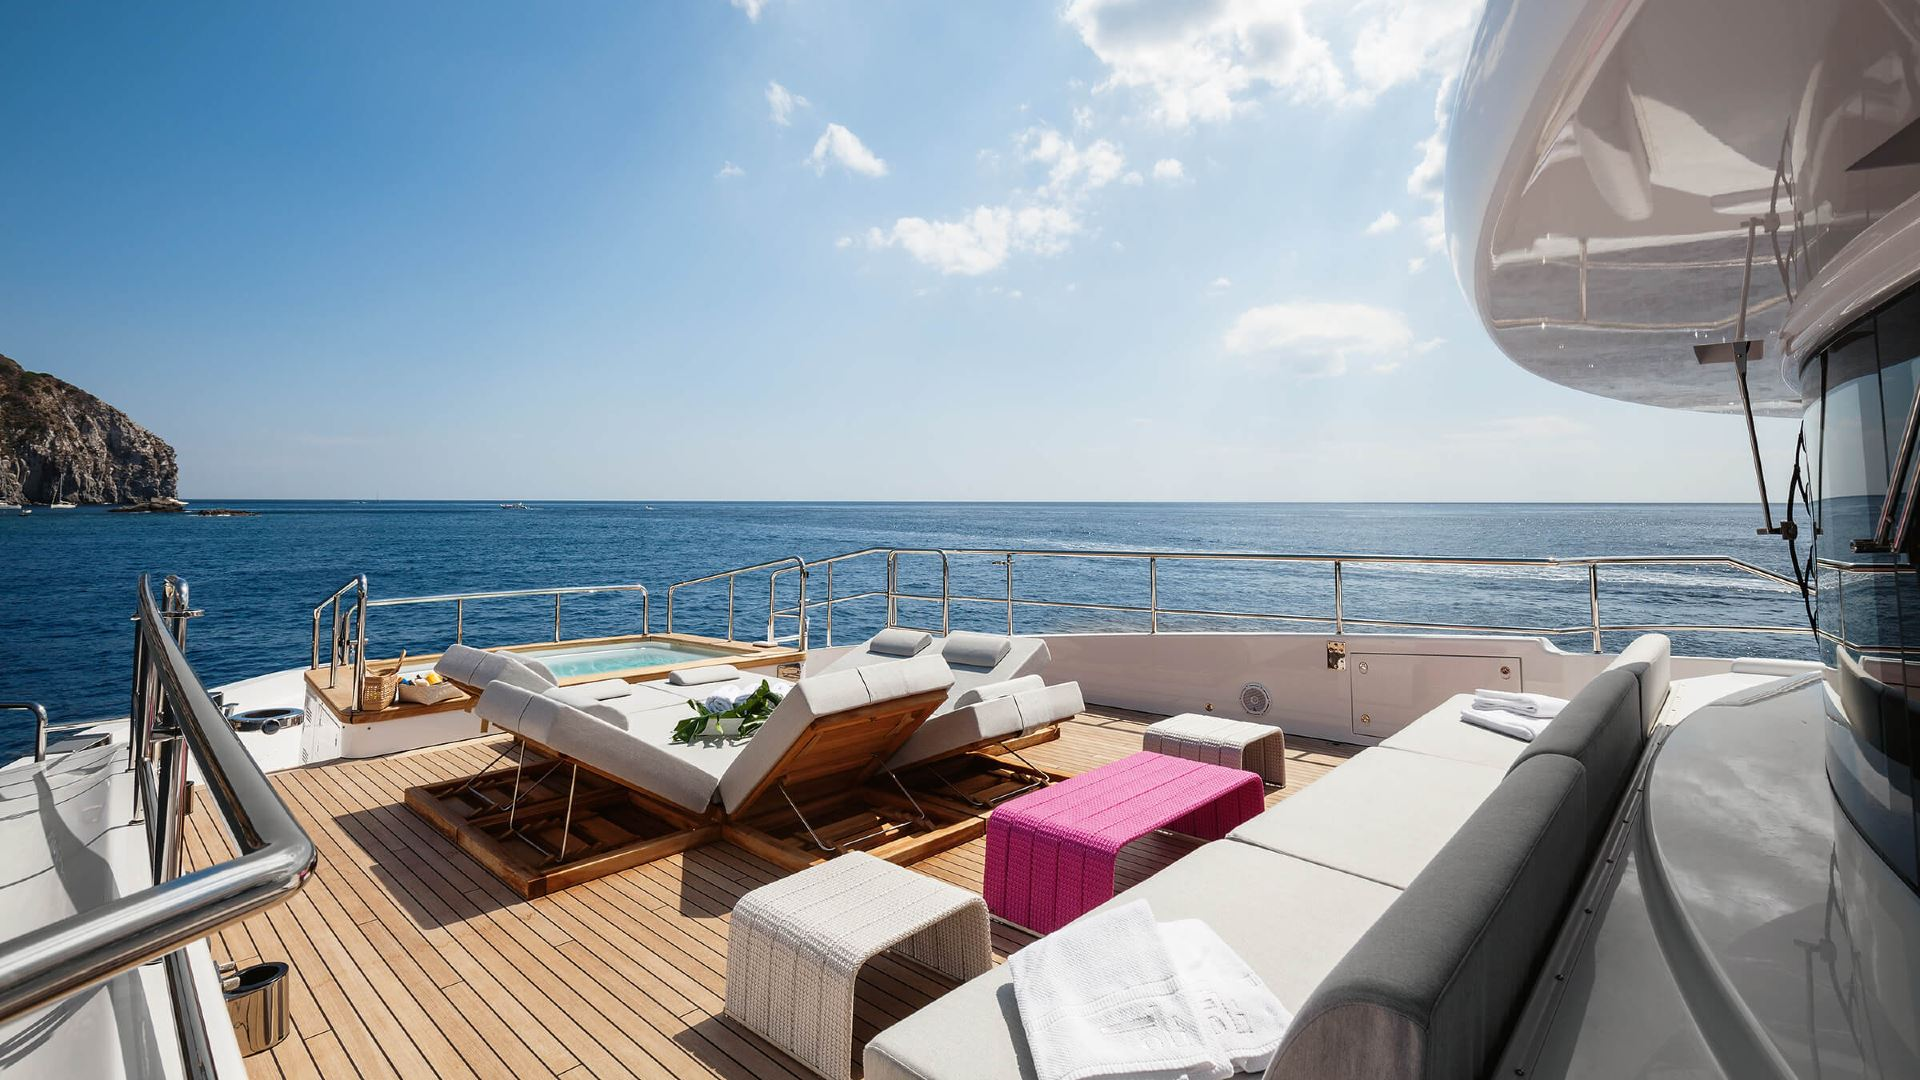 mediterraneo-upper-deck-1edited